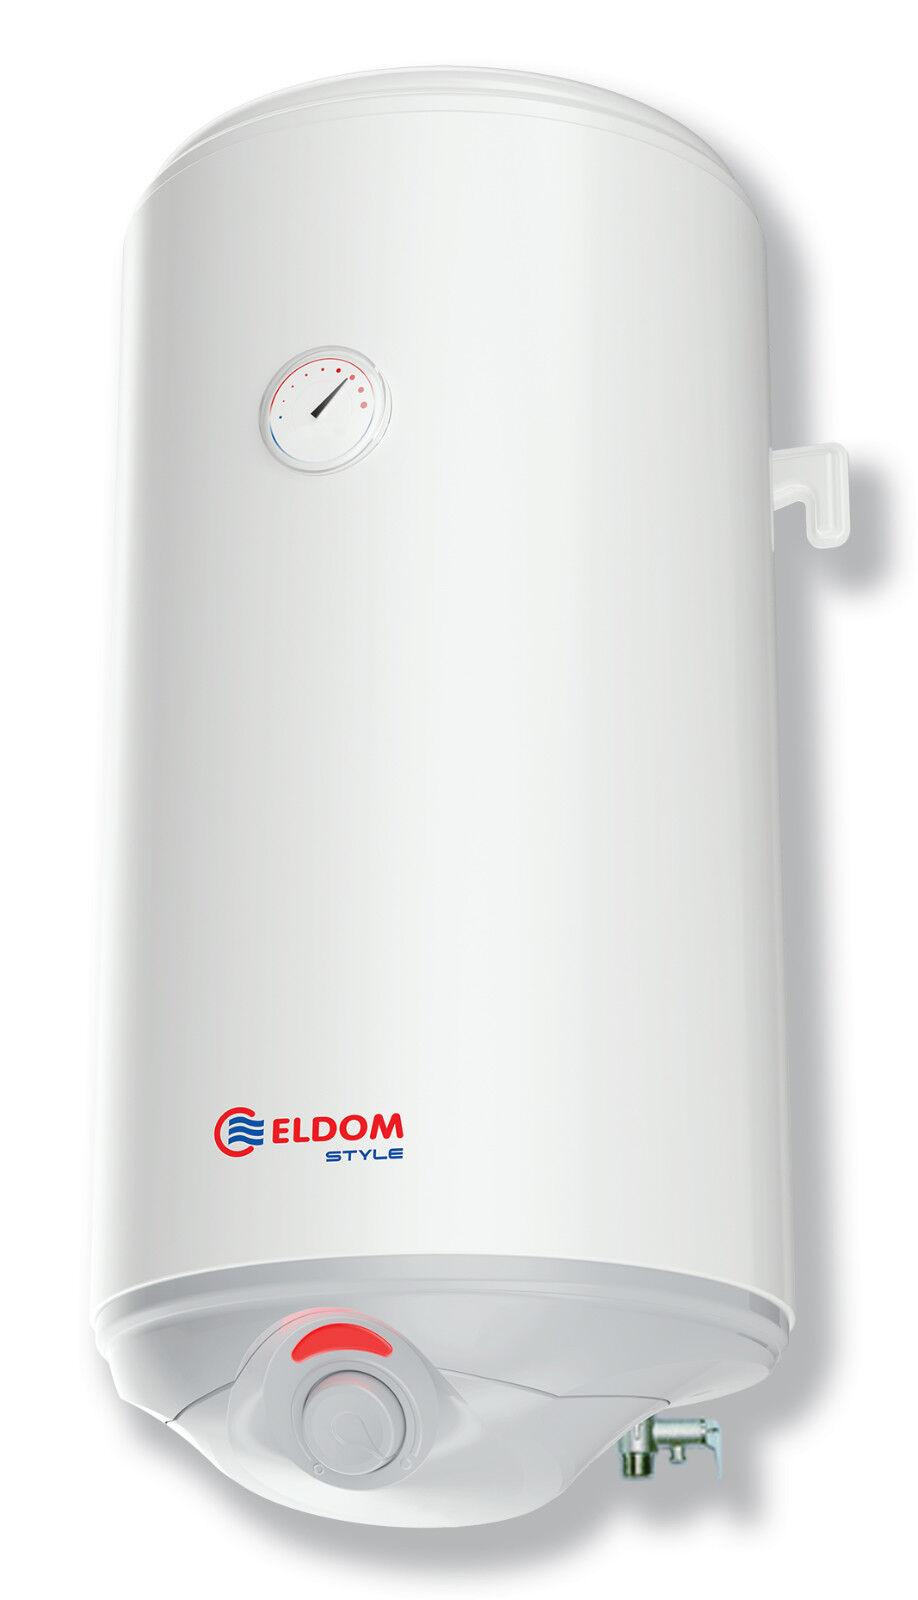 Warmwasserspeicher Boiler Warmwasserbereiter 50L druckfest Eldom Style